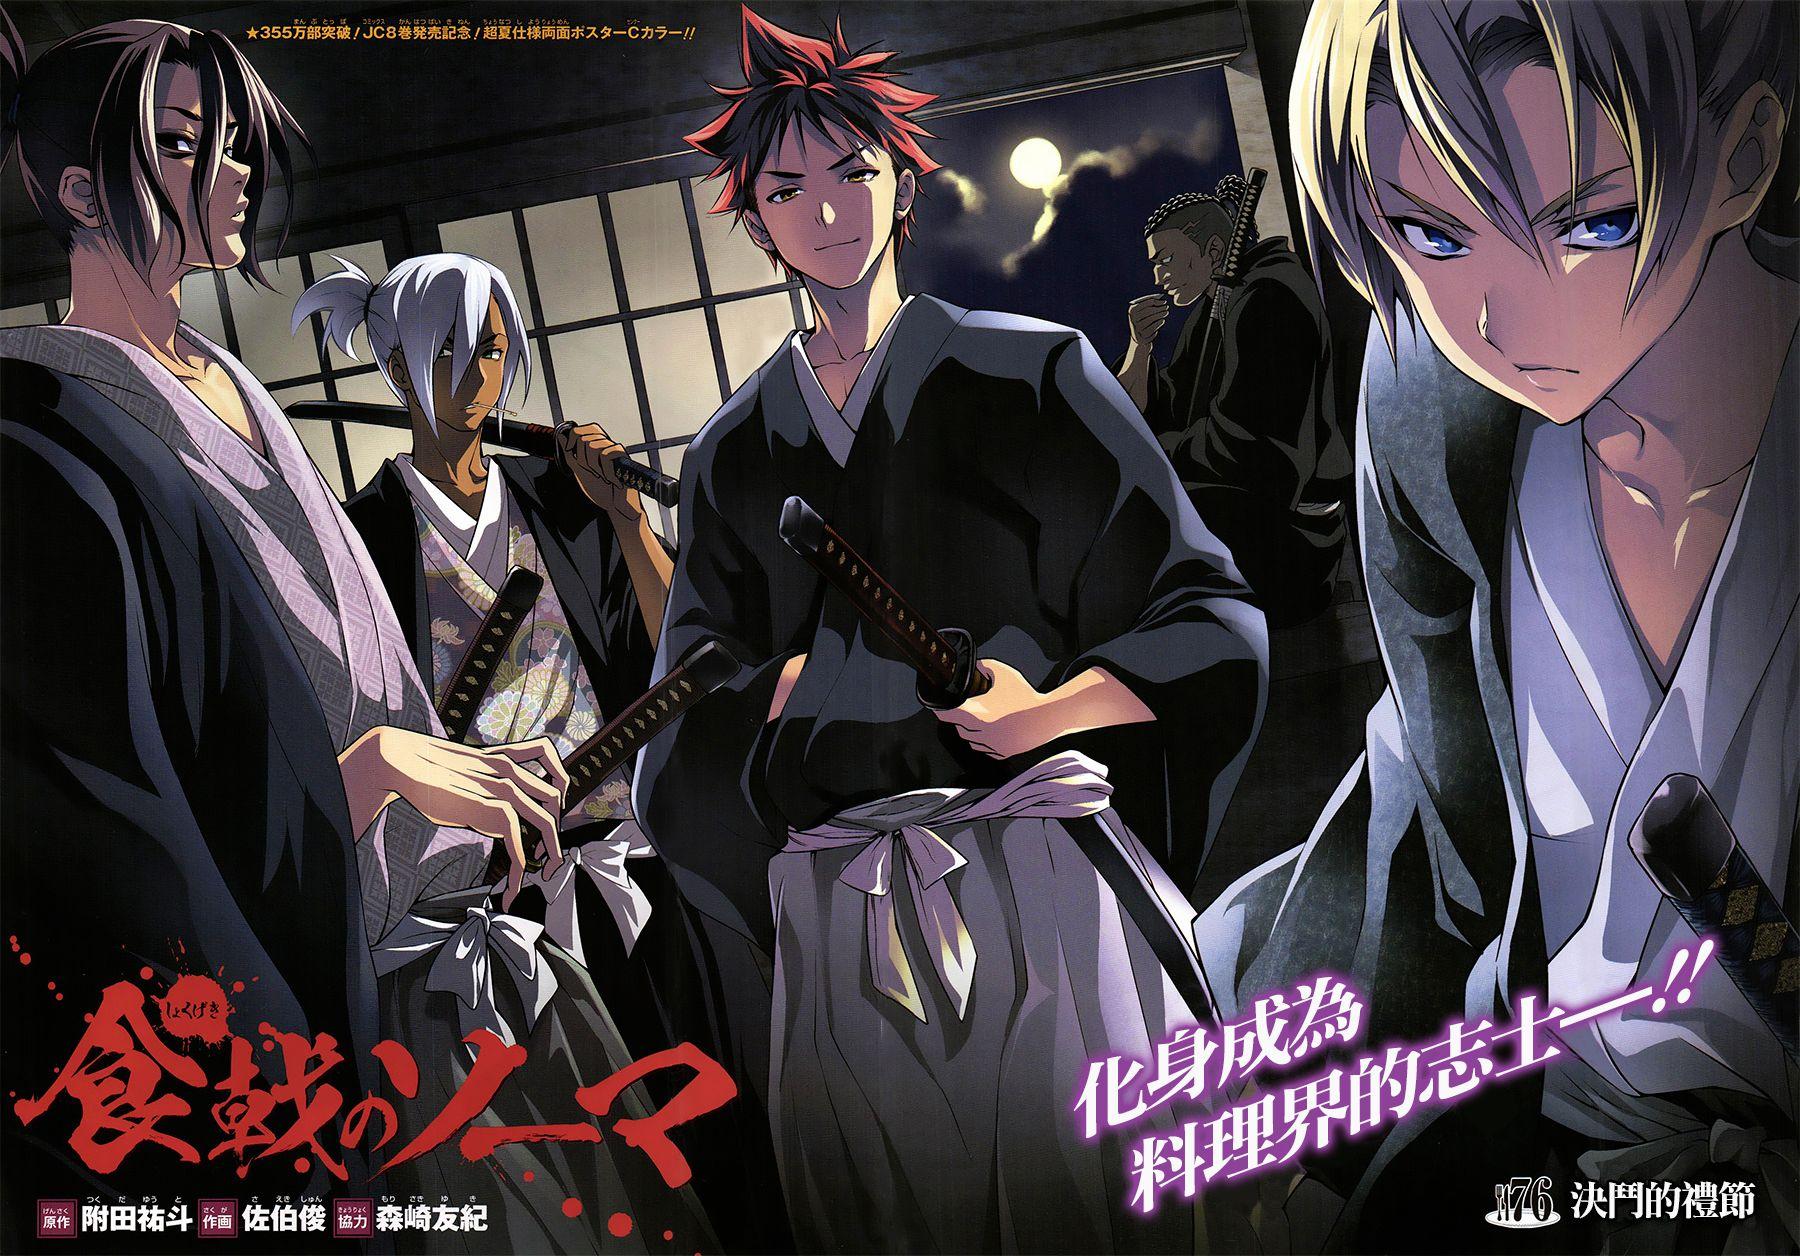 Saeki Shun, Shokugeki no Souma, Yukihira Souma, Kurokiba